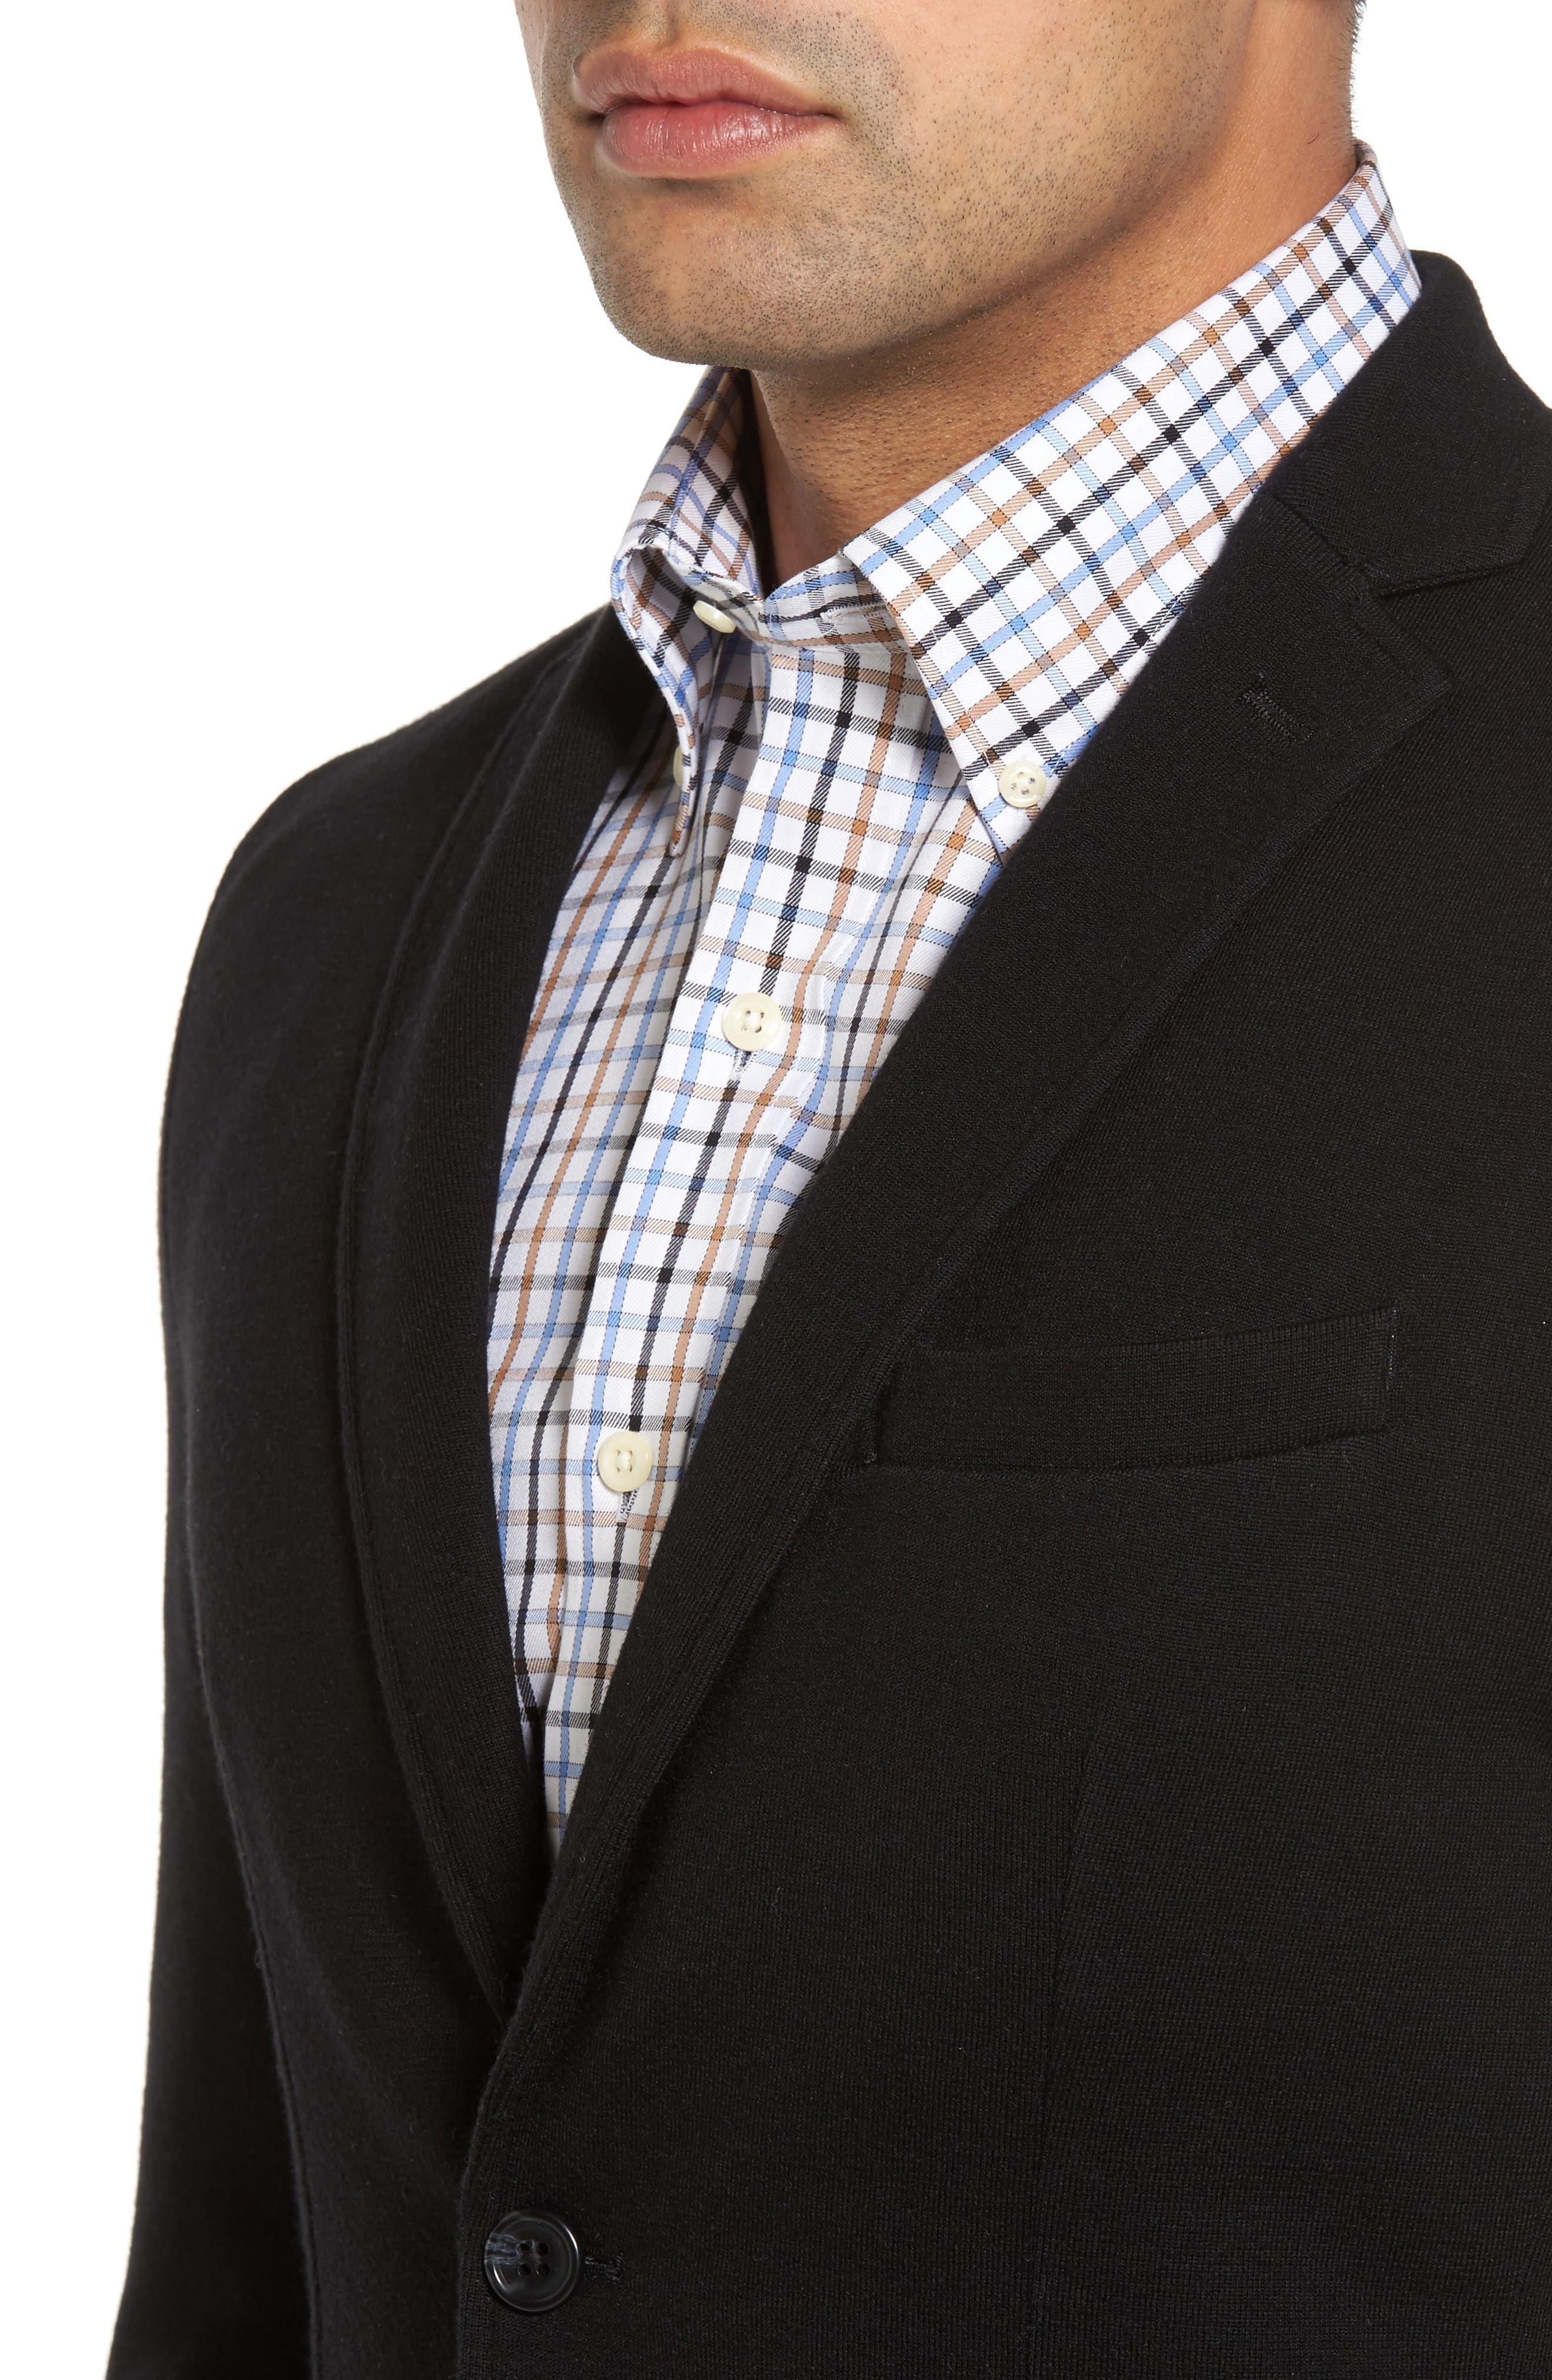 Crown Classic Fit Blazer,                             Alternate thumbnail 4, color,                             Black